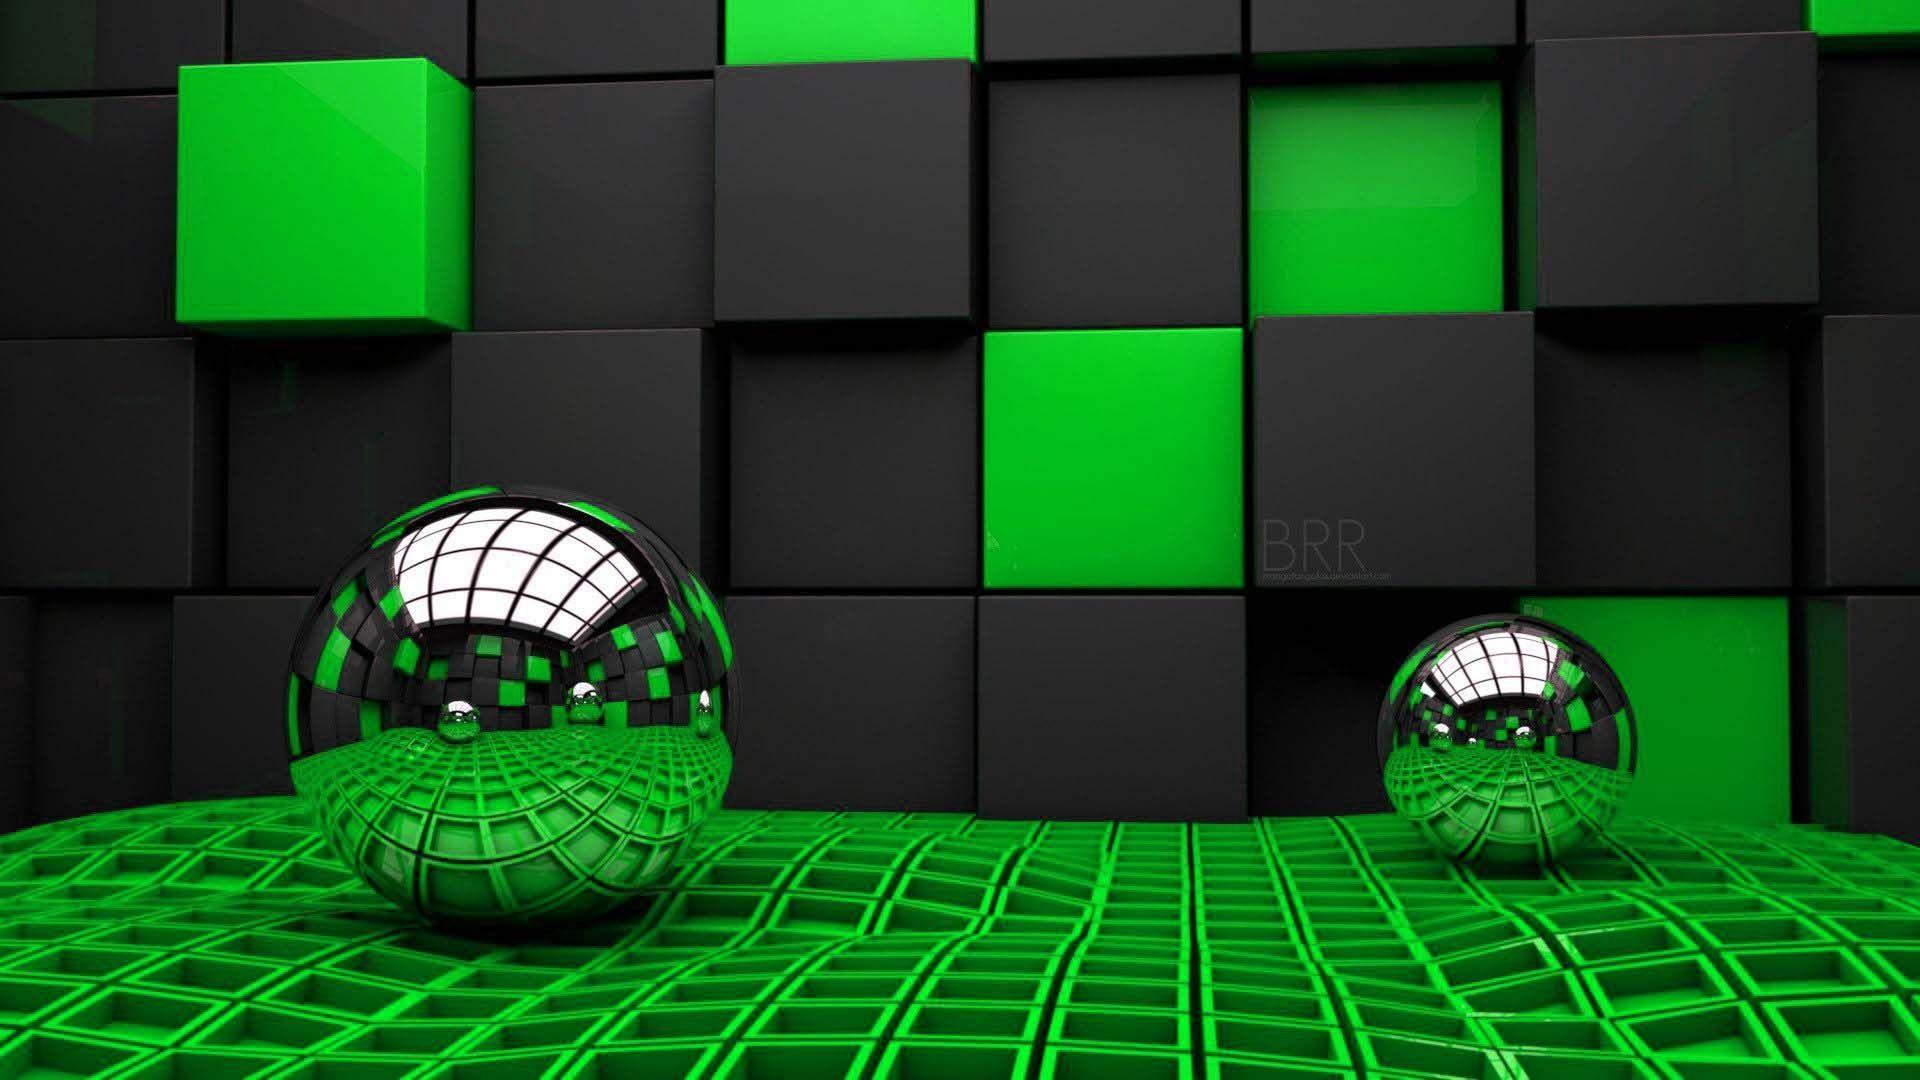 3d background images for desktop background 1